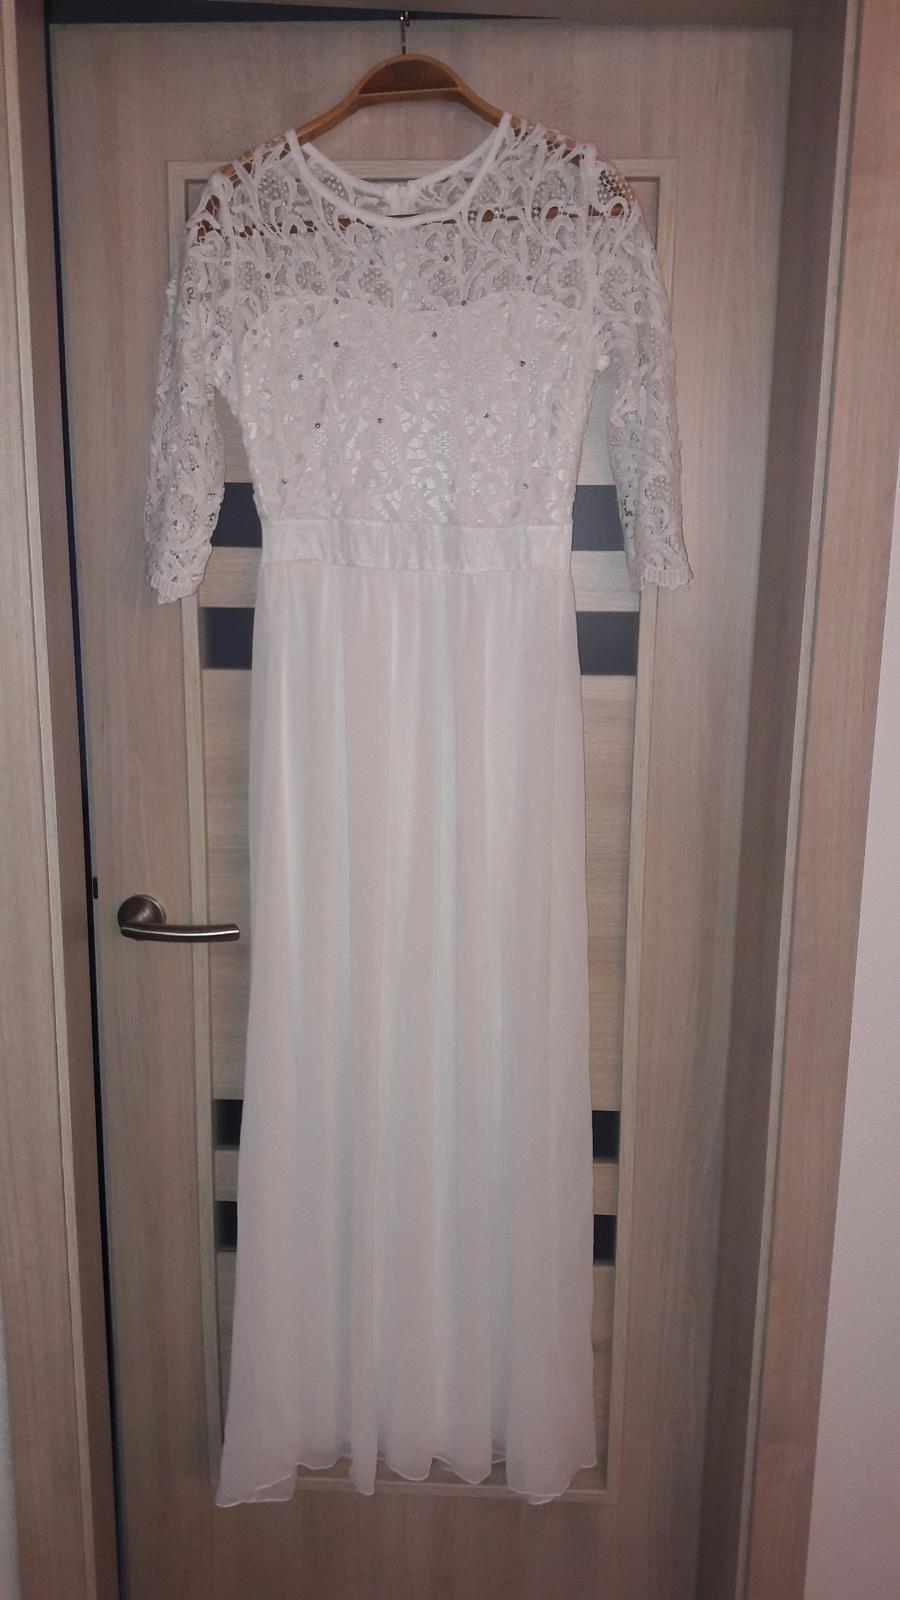 Jednoduché svadobné šaty s čipkou  - Obrázok č. 1